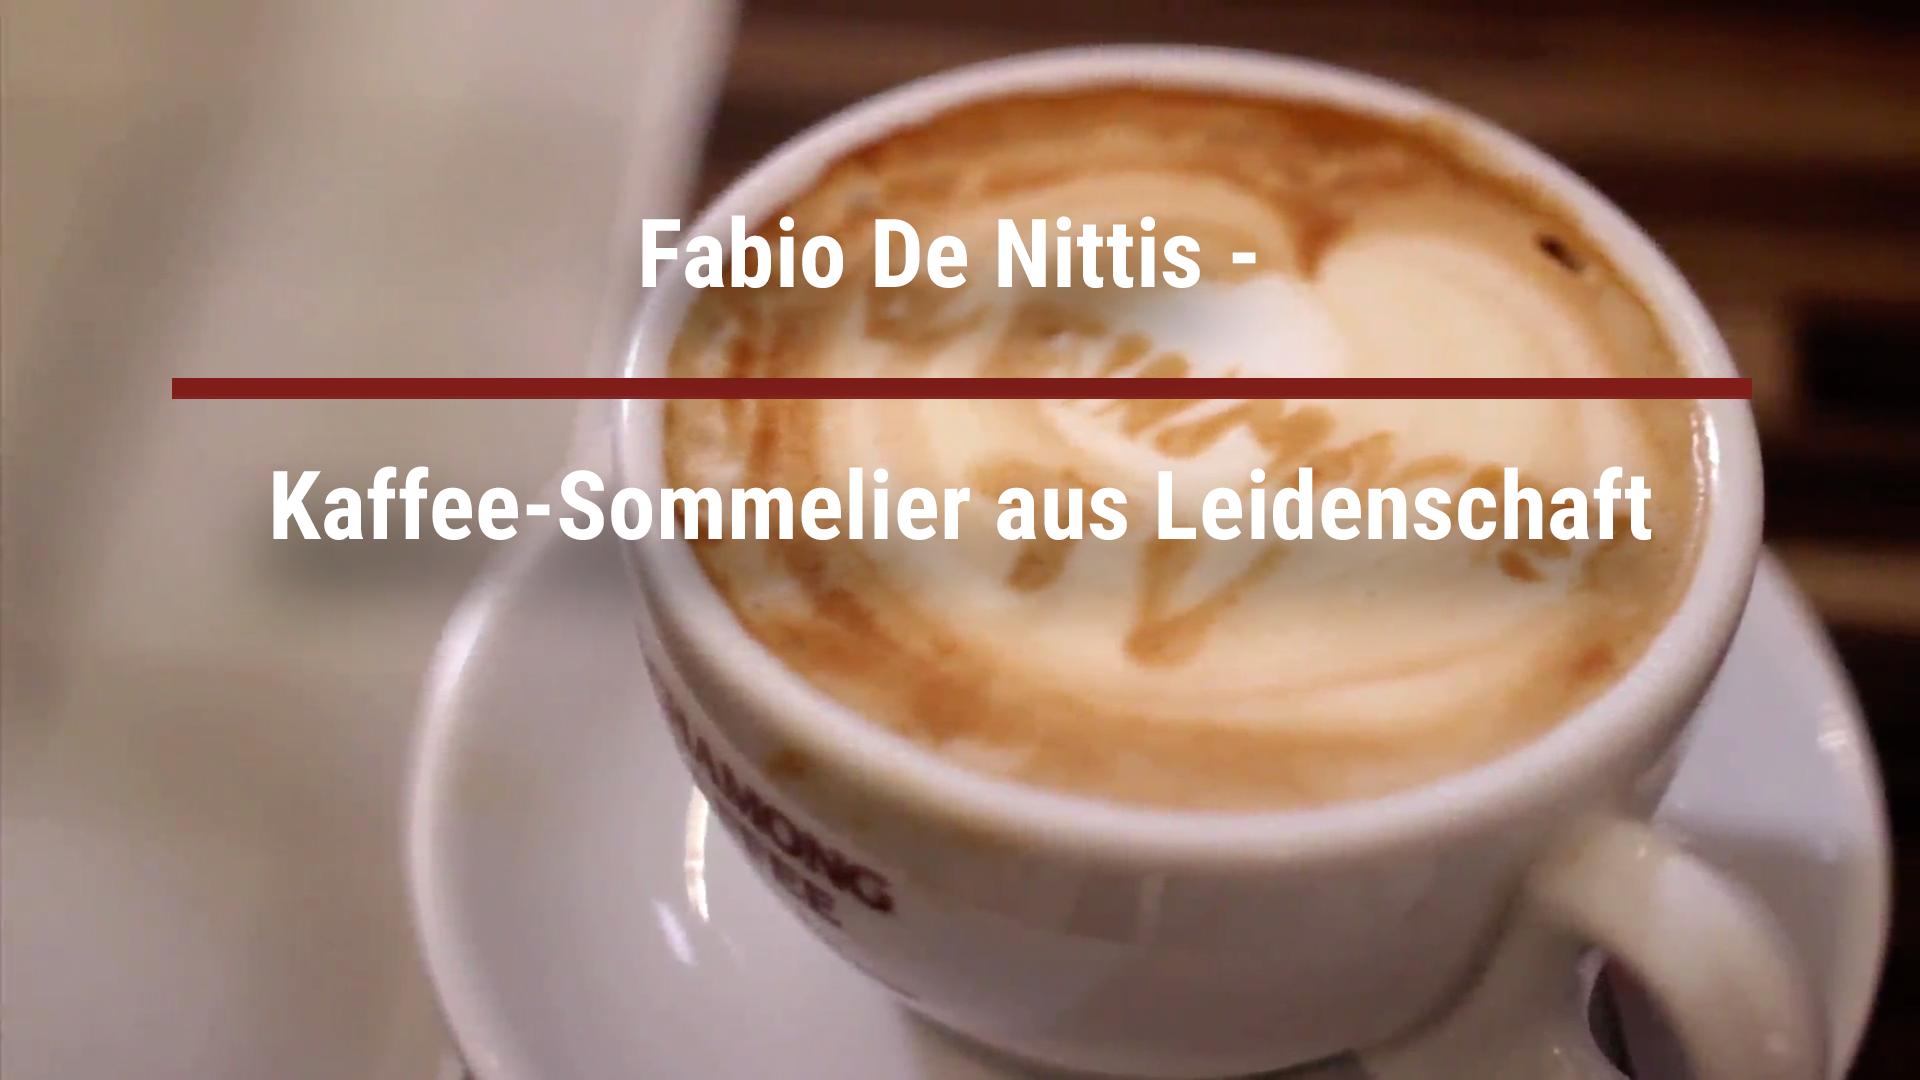 Fabio De Nittis – Kaffee-Sommelier aus Leidenschaft